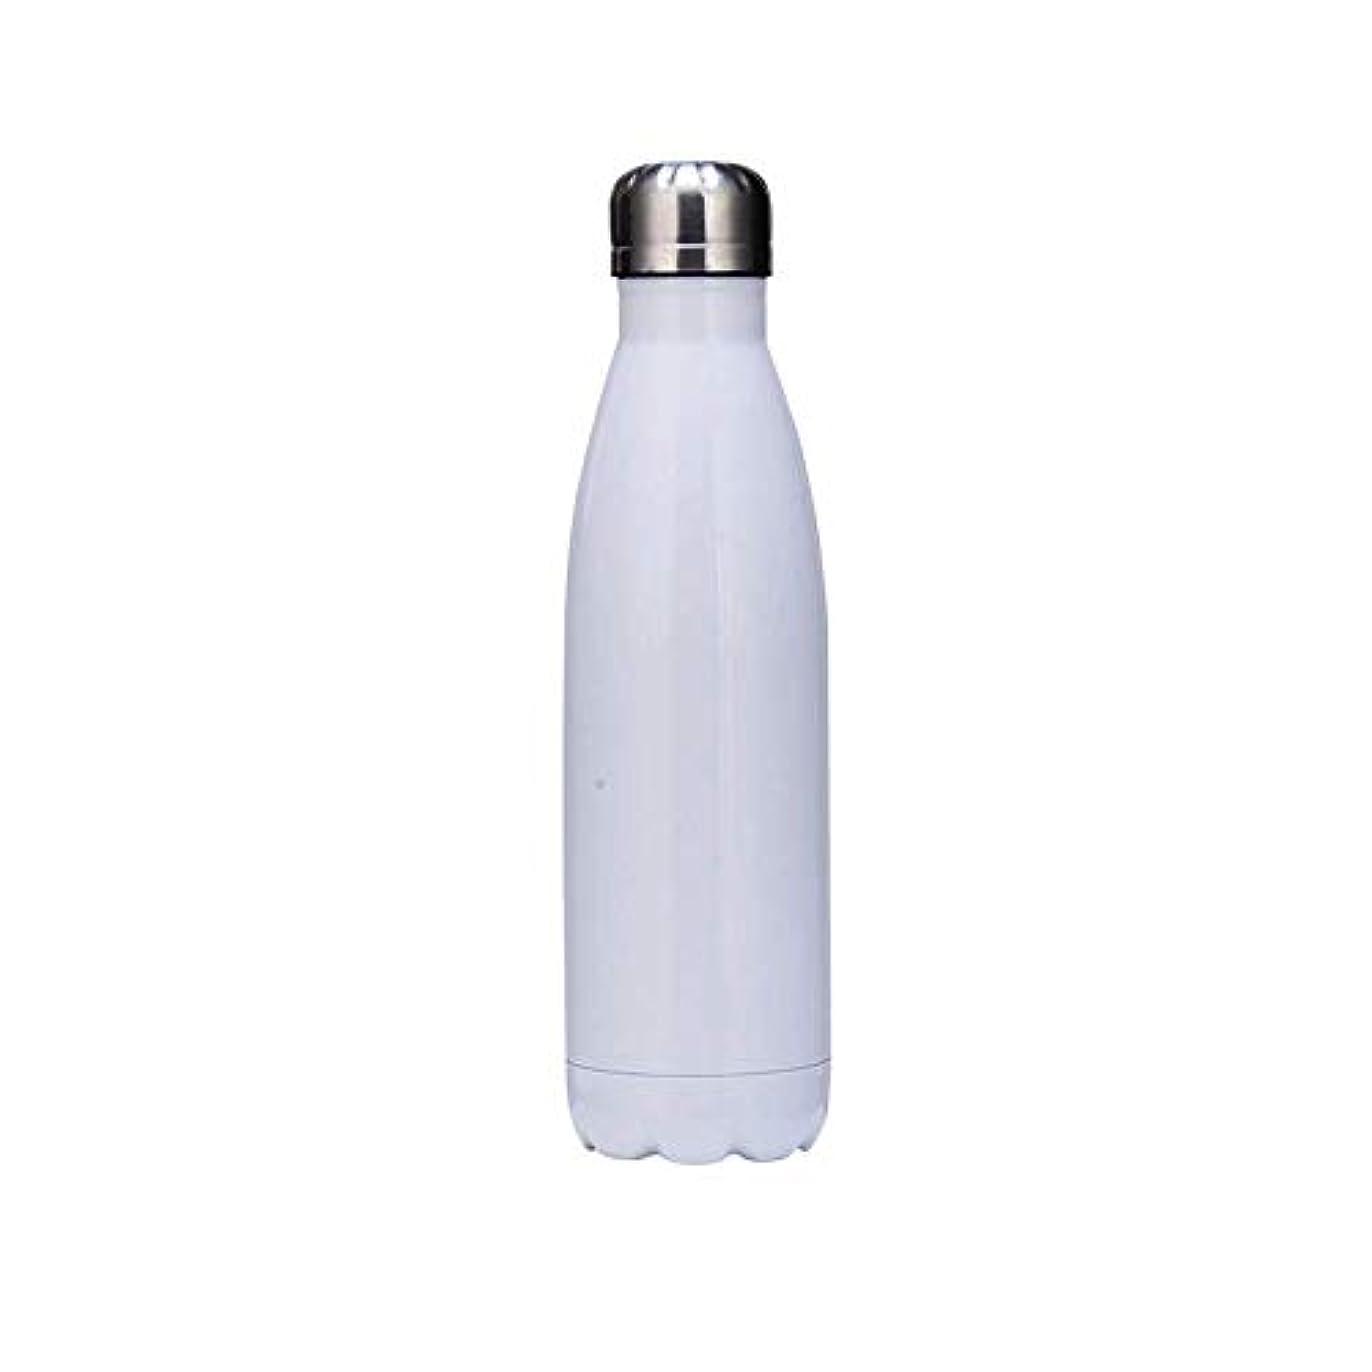 遠い操縦する排泄する断熱ウォーターボトル二重壁真空ステンレス鋼ボトル漏れ防止用アウトドアスポーツキャンプハイキングサイクリング,White